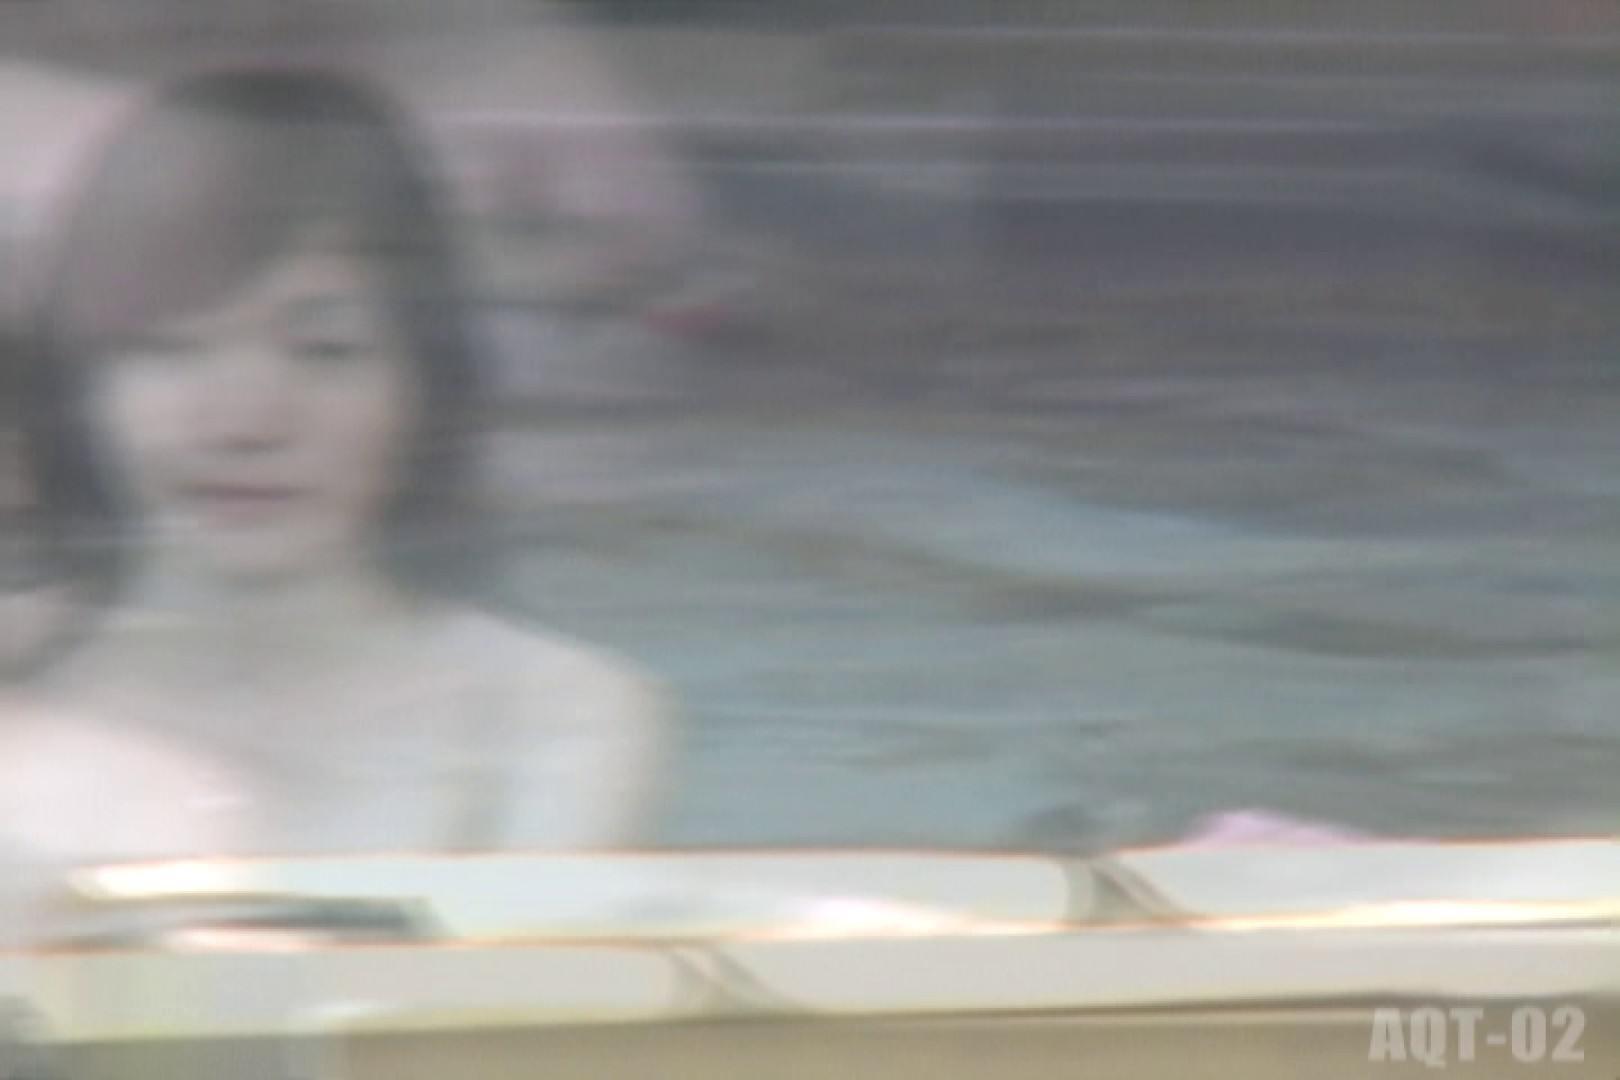 Aquaな露天風呂Vol.725 露天 | 盗撮  90画像 1